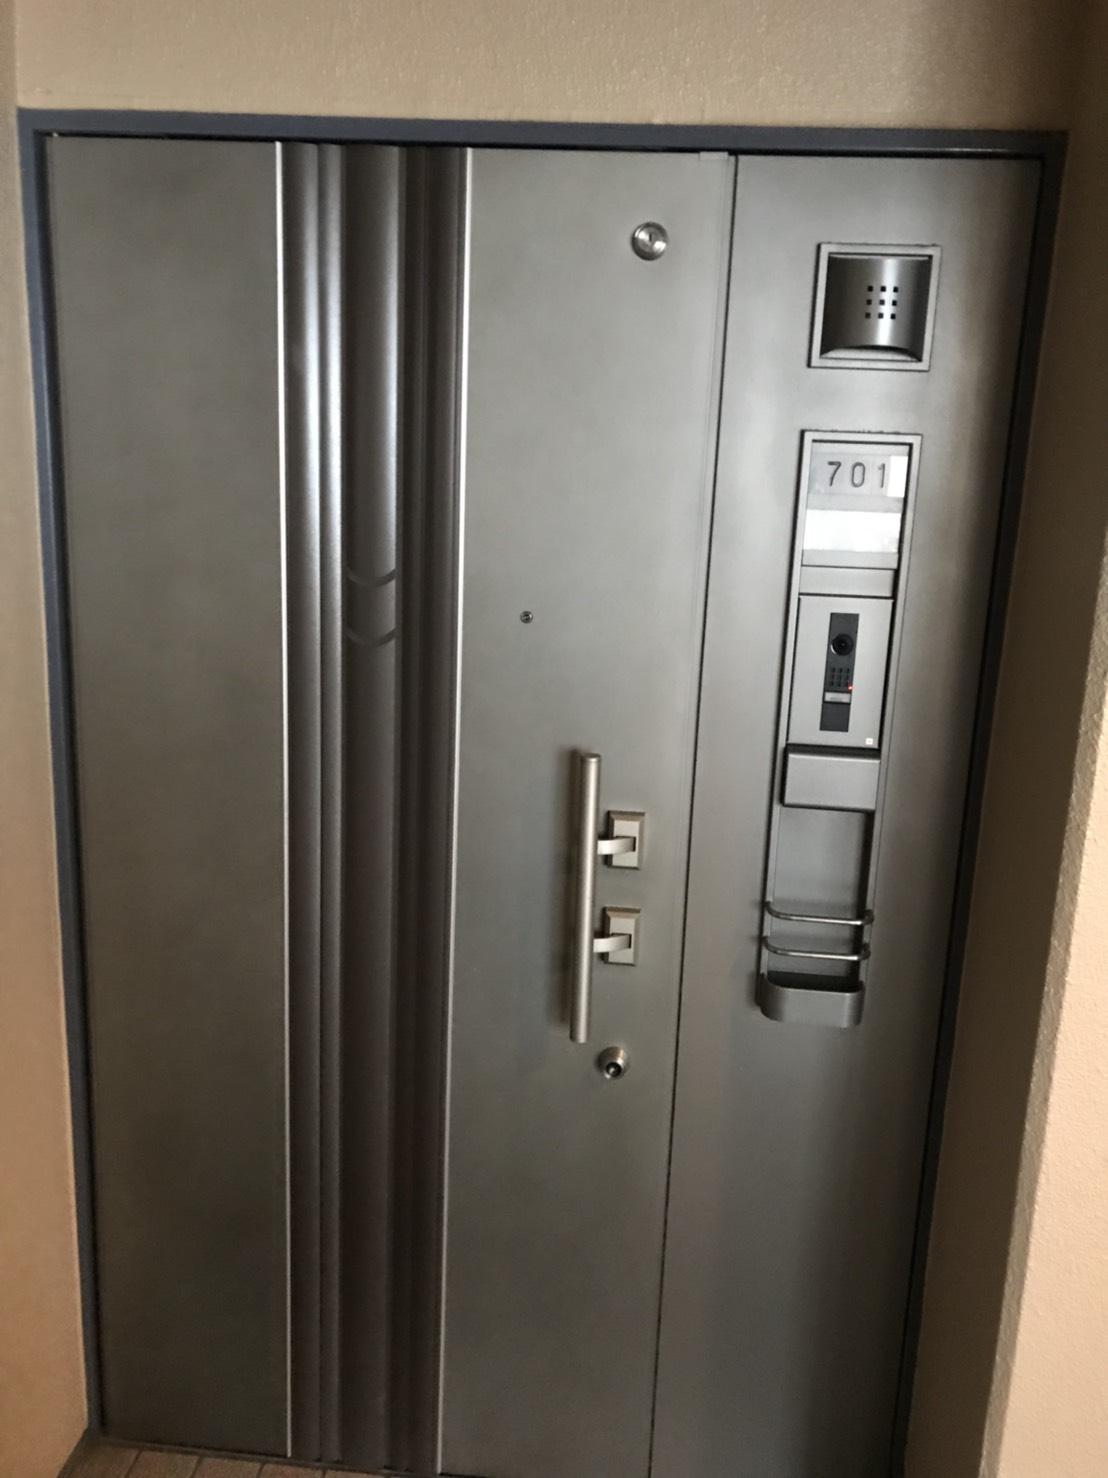 伊丹 ハウスクリーニング/玄関のドアを綺麗にするお掃除・どんなことでも、おそうじプラスにお気軽にご相談下さい!